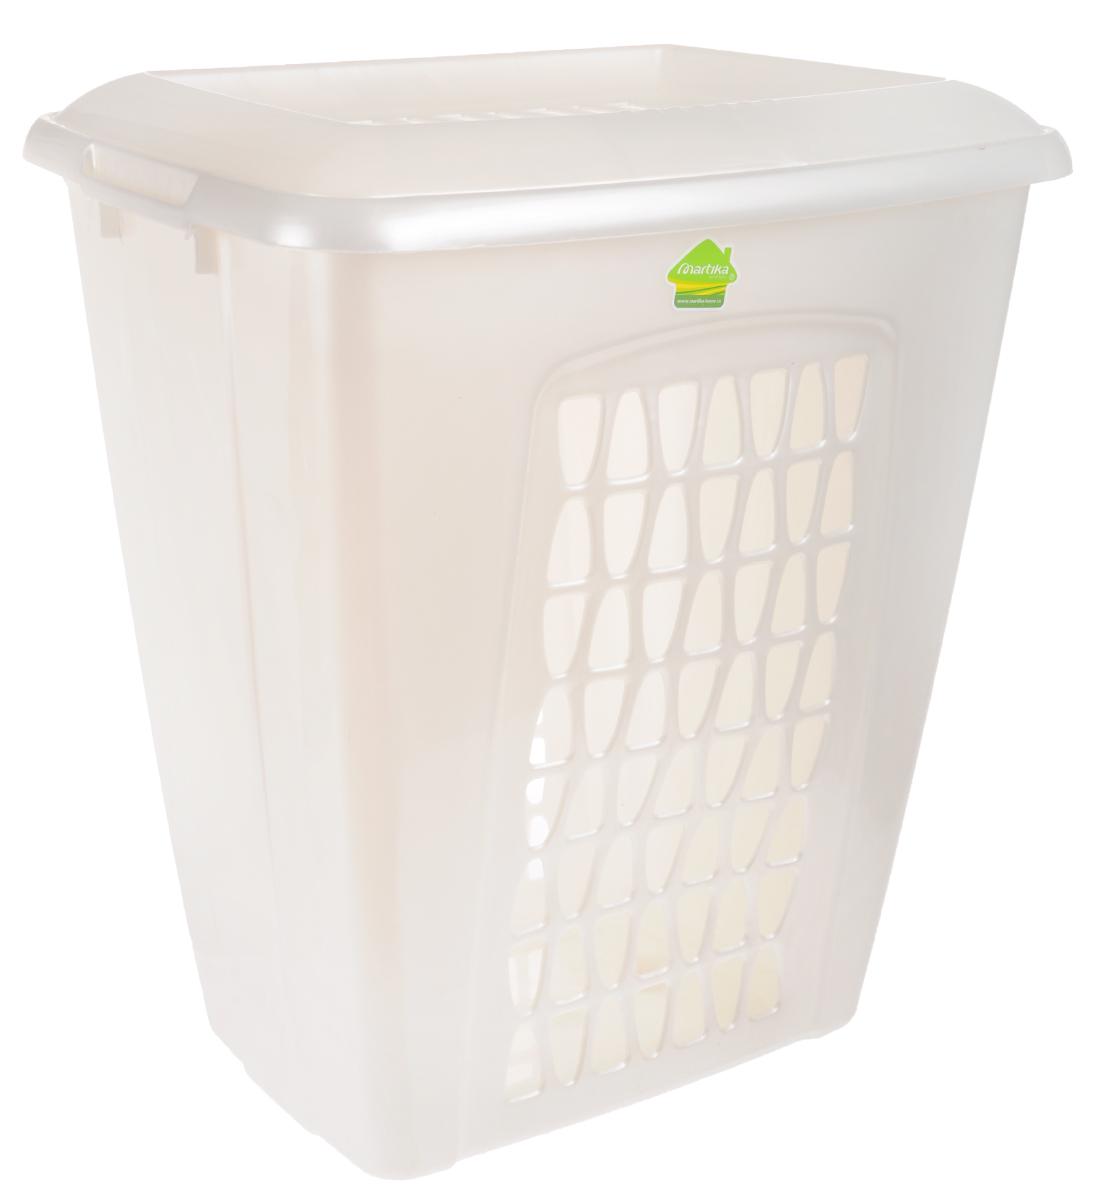 Корзина для белья Martika Моллета, цвет: перламутрово-белый, 45 лС701_перламутрово-белыйКорзина для белья Martika Моллета, изготовленная из прочного полипропилена, пропускает воздух, устойчива к перепадам температур и влажности, поэтому идеально подходит для ванной комнаты. Изделие оснащено боковыми ручками и крышкой. Можно использовать для хранения белья, детских игрушек, домашней обуви и прочих бытовых вещей. Элегантный дизайн подойдет к интерьеру любой ванной.